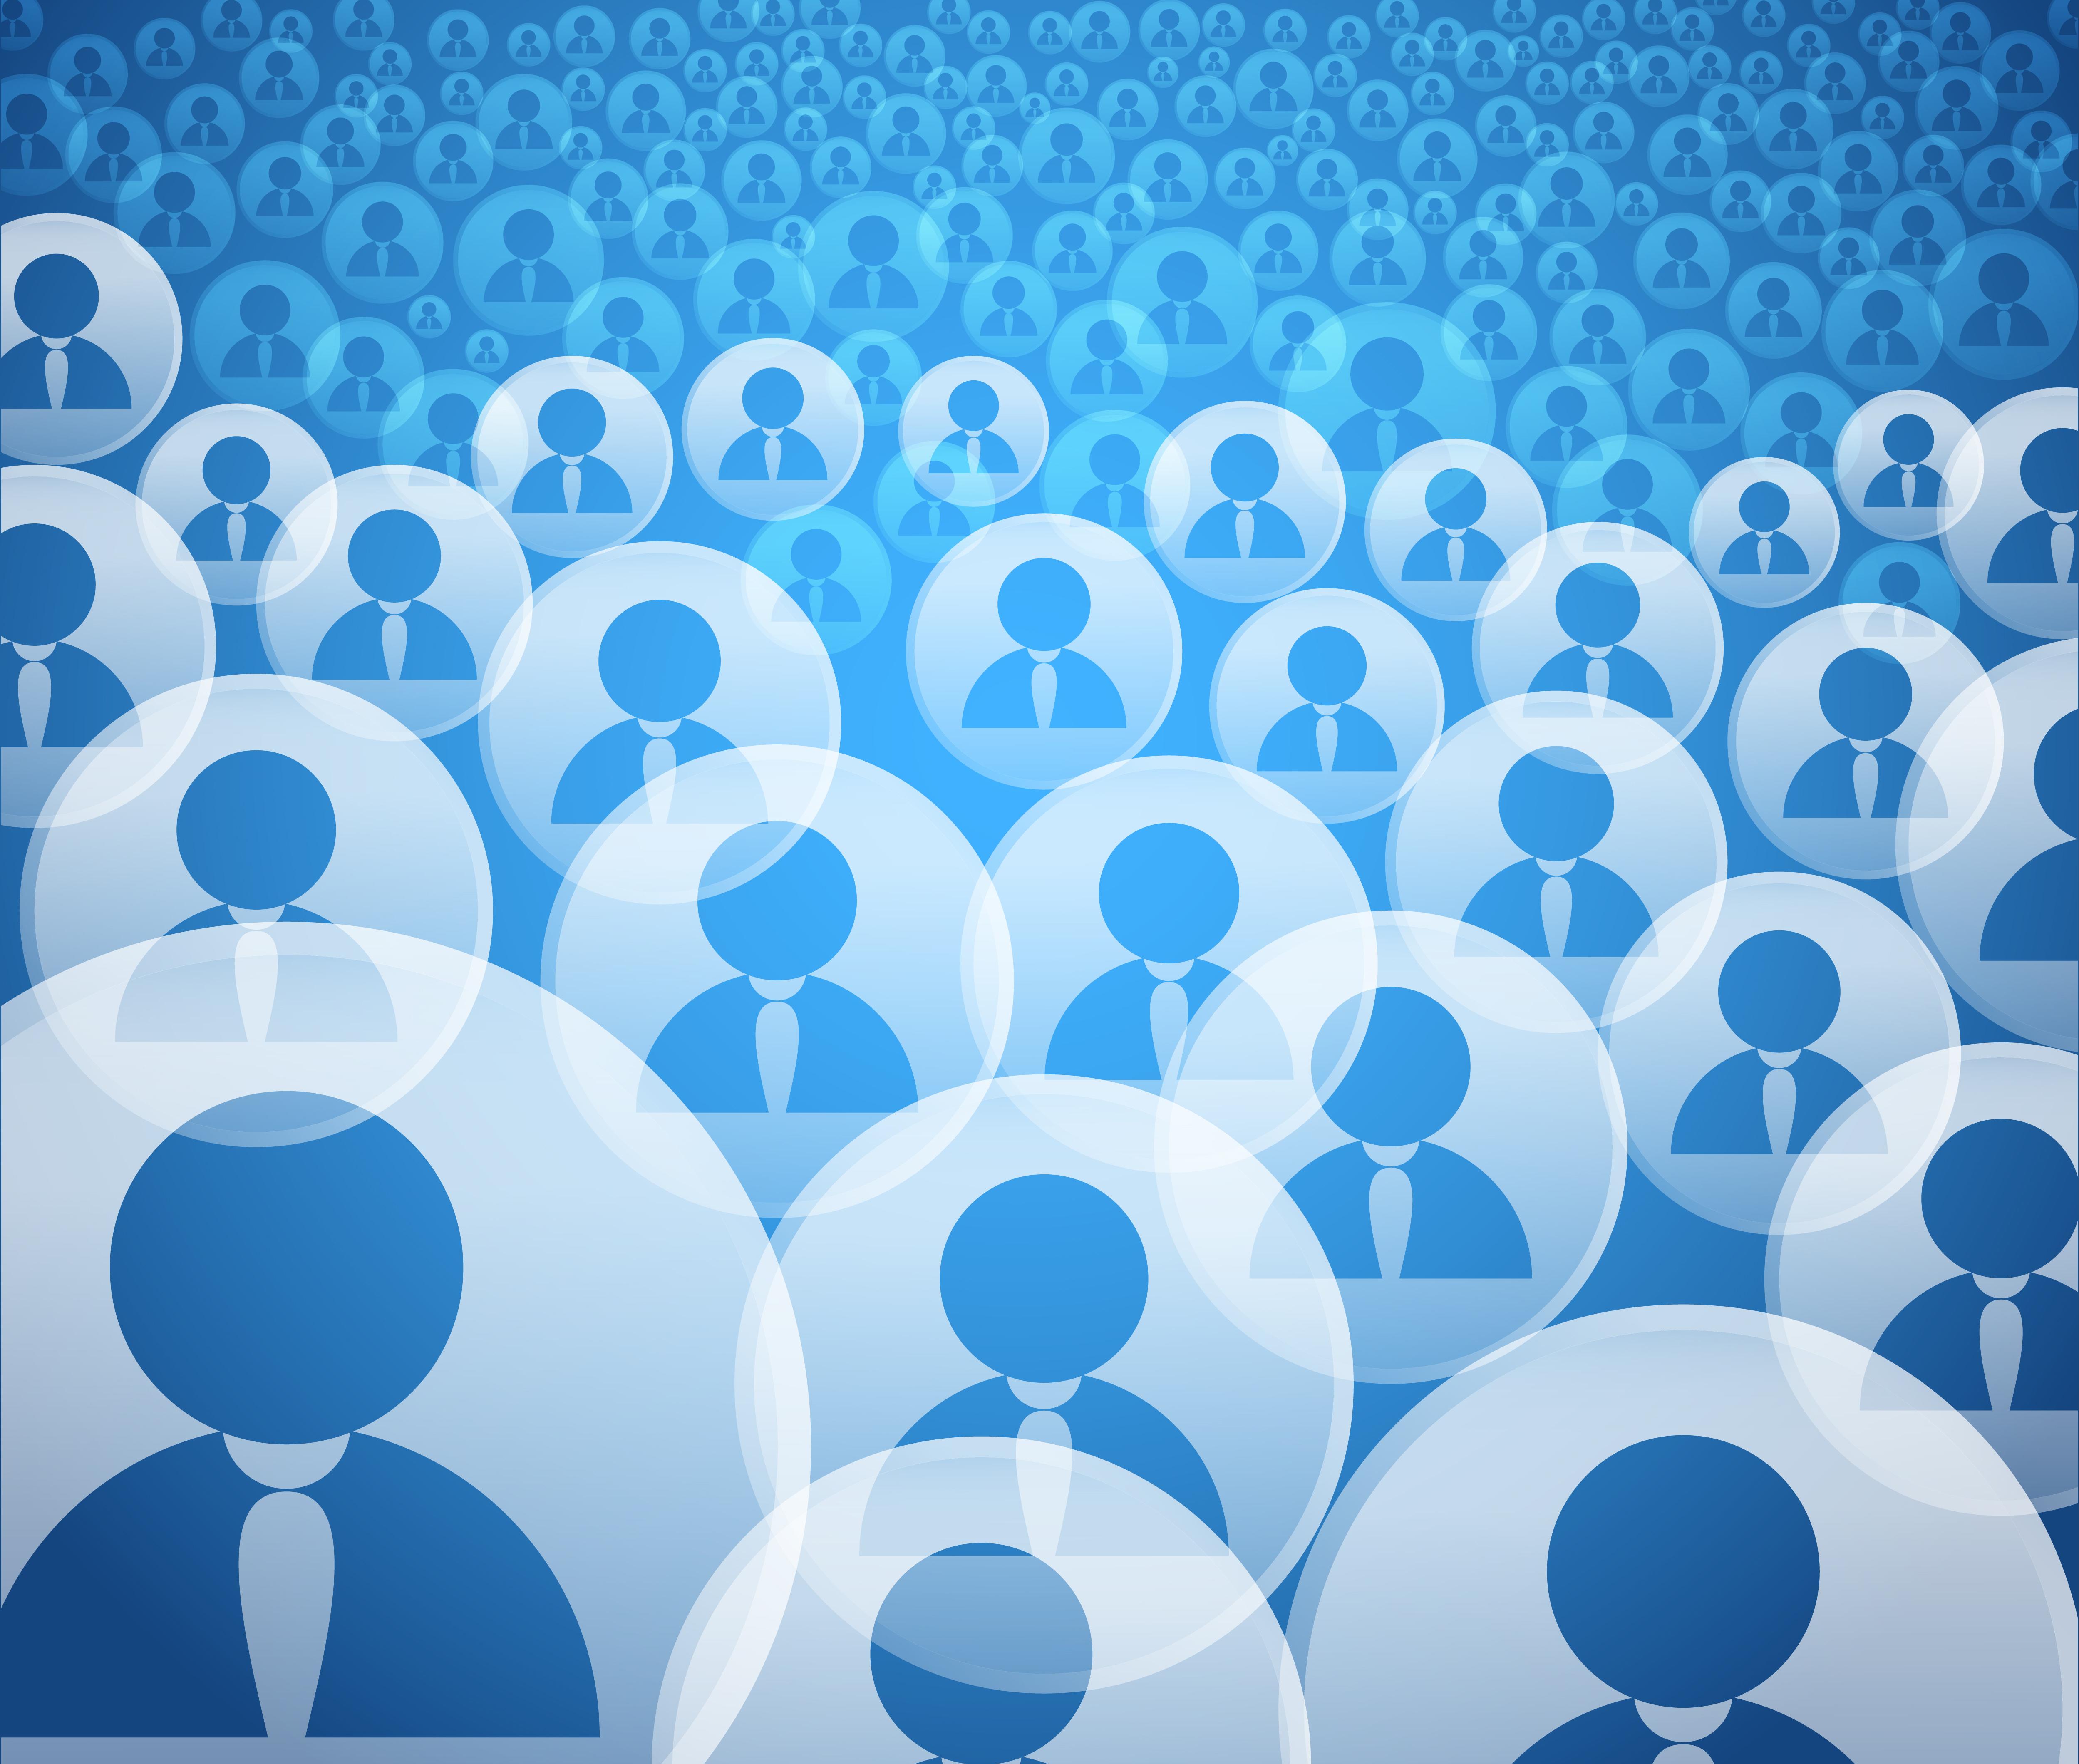 Utilisez-vous les options de publication de votre page Facebook?